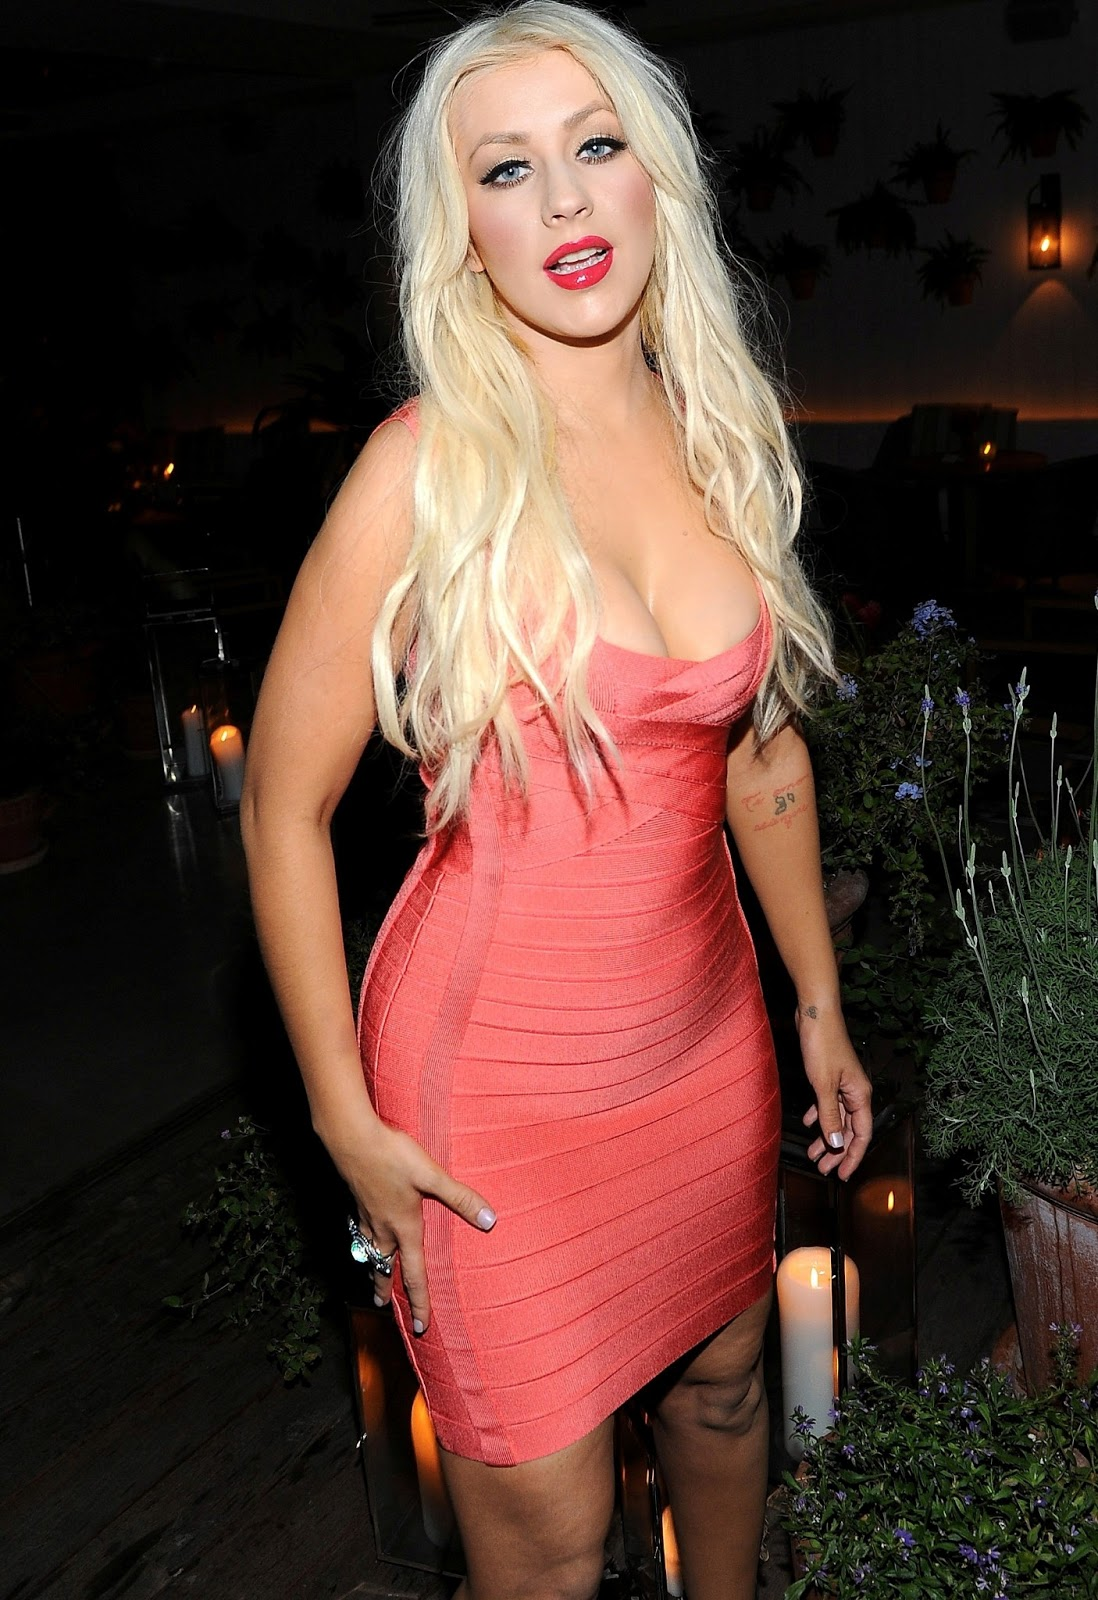 Could Christina aguilera great tits photos rather grateful